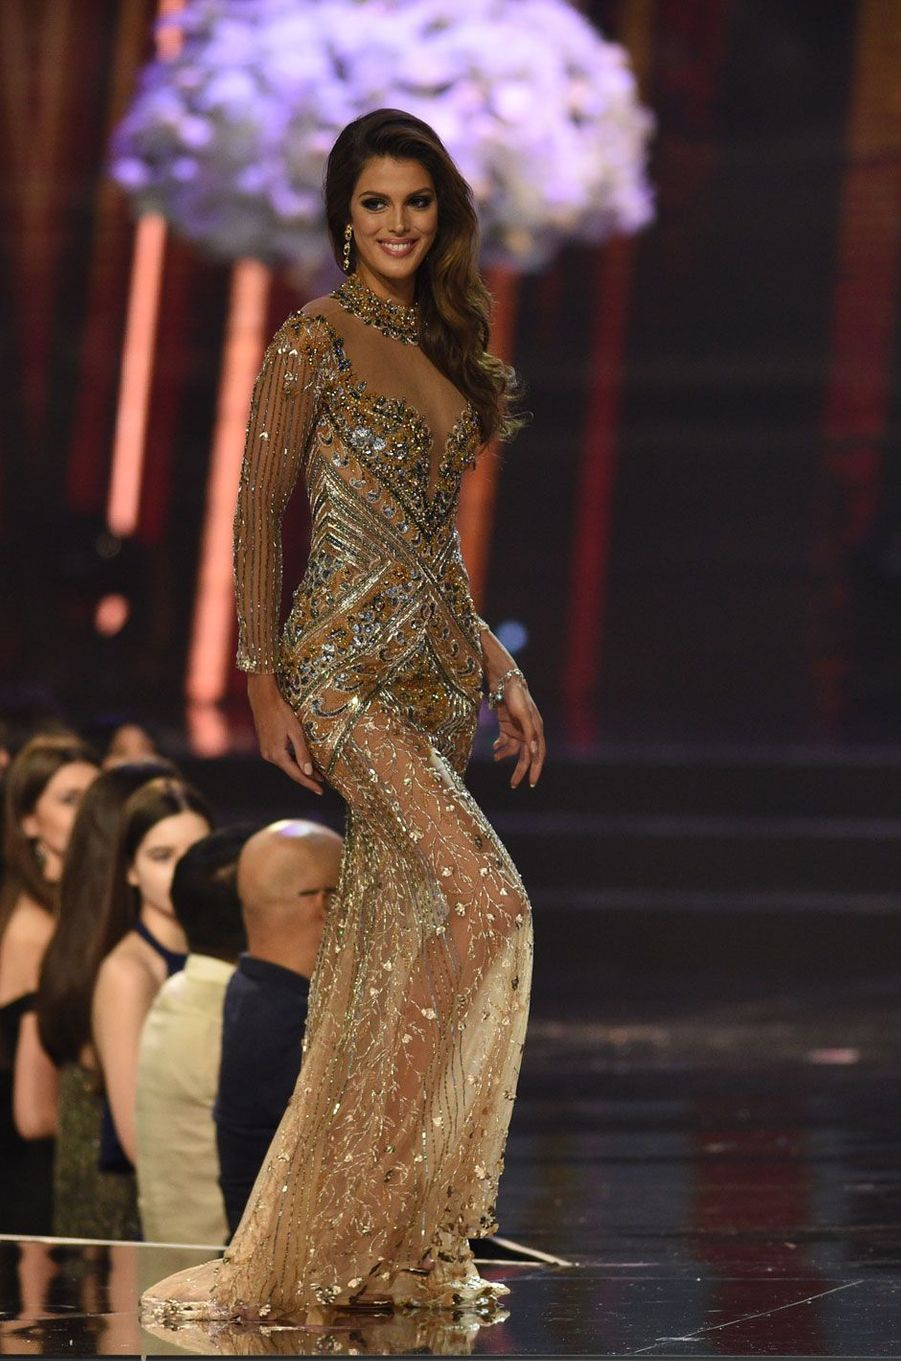 Iris Mittenaere, Miss France 2016 est la première Miss Univers française depuis 1953